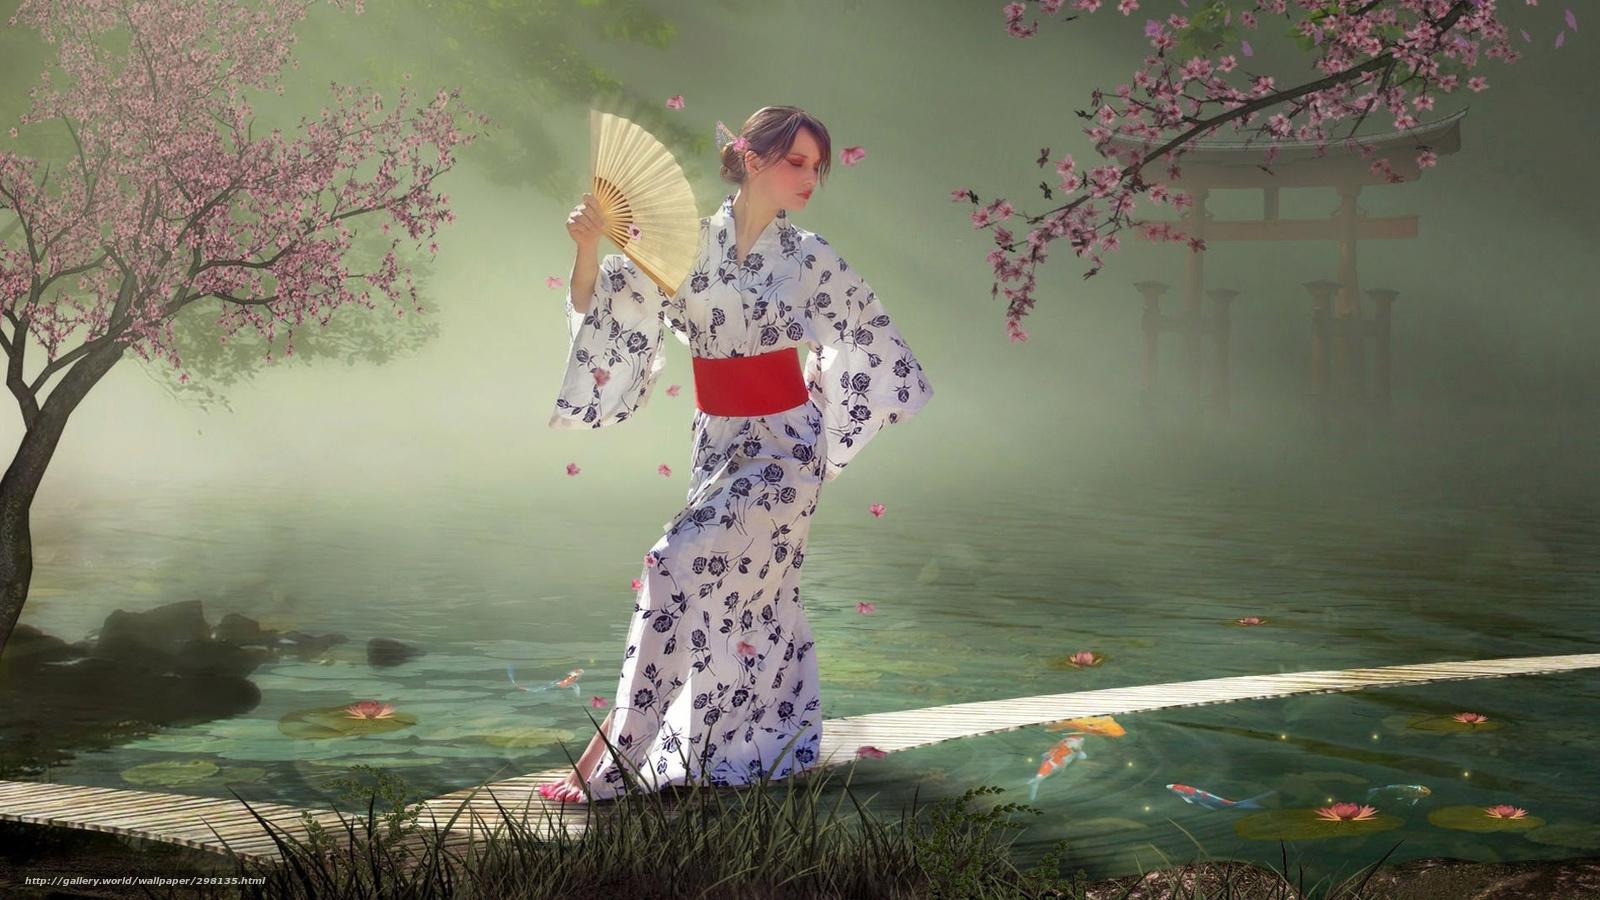 Tlcharger fond d 39 ecran japonais jardin fille dans un for Jardin japonais fond d ecran